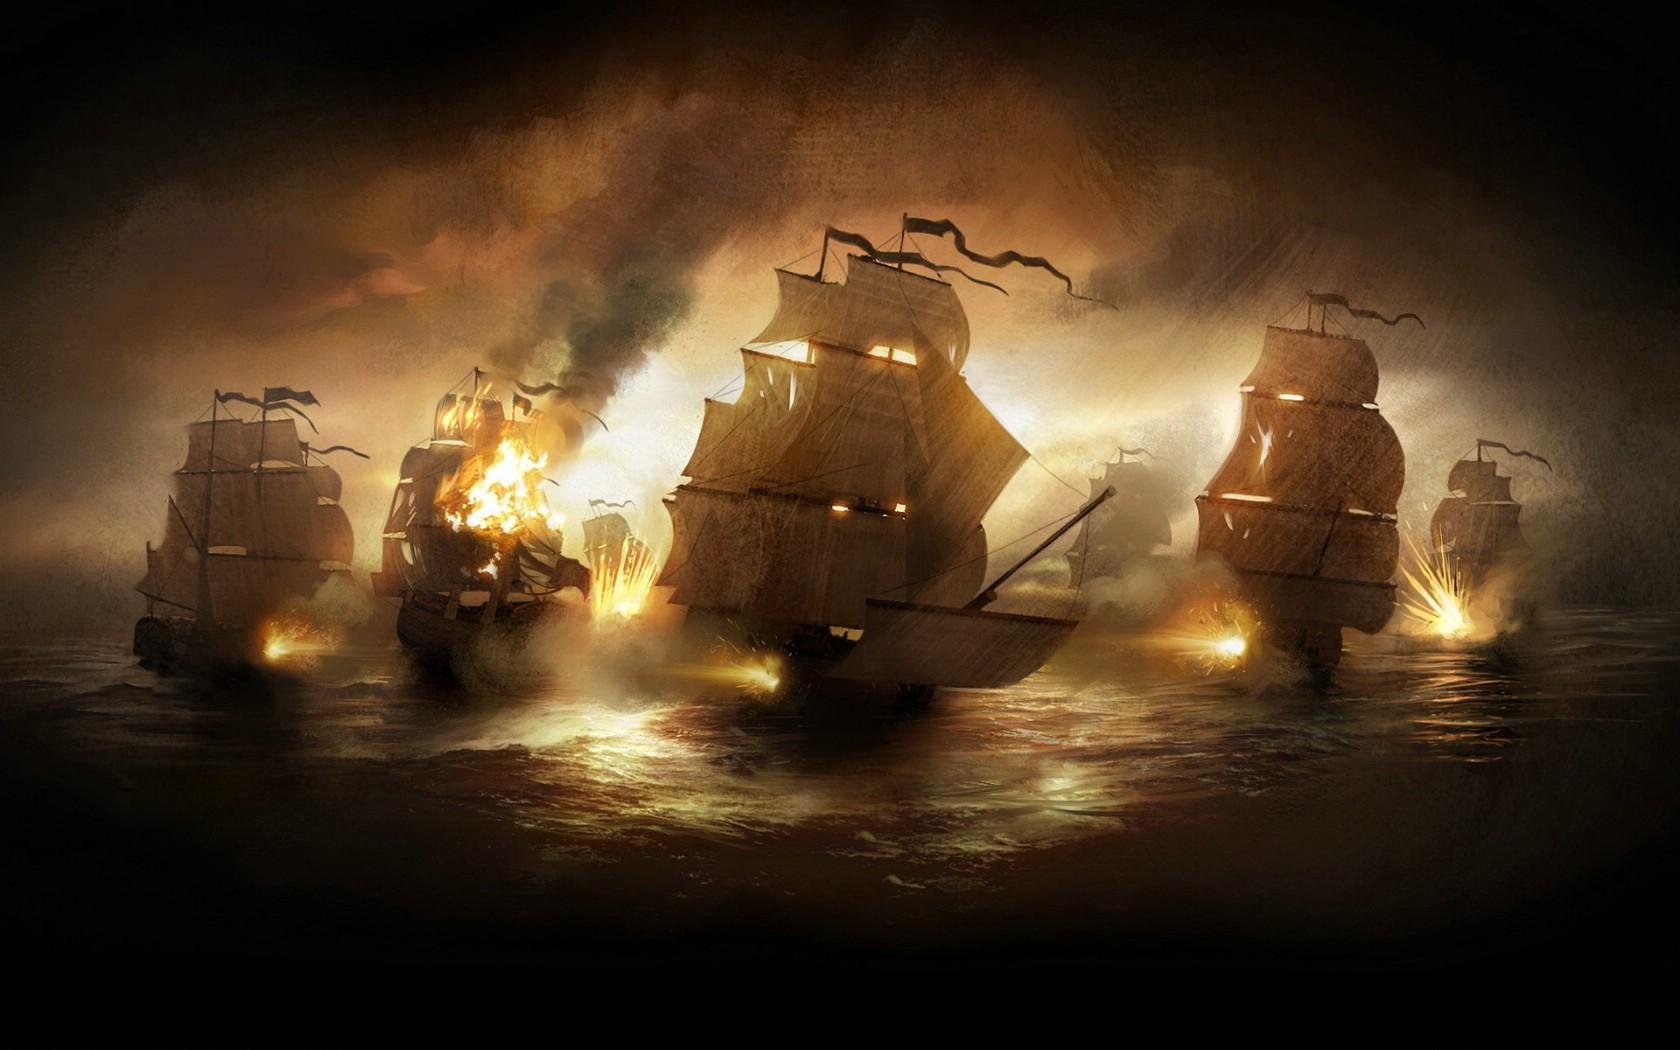 壁纸1680 1050 全面战争 高清图片